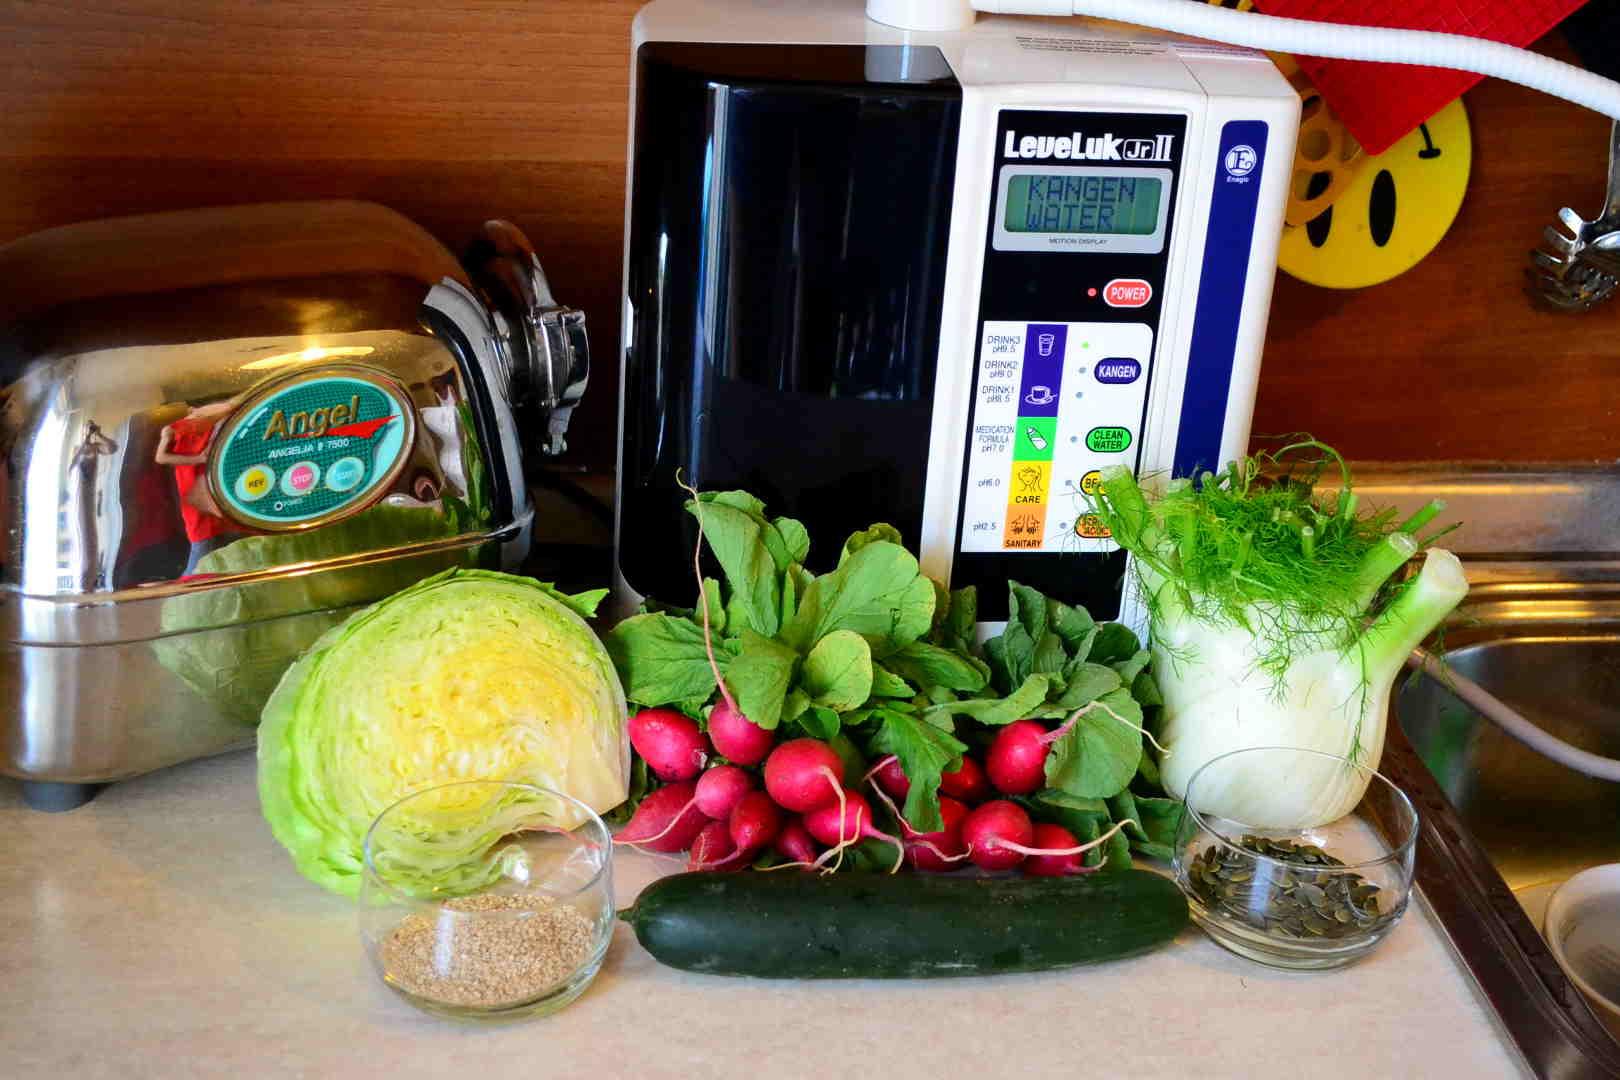 acqua kangen leveluk ionizzatore enagic junior angel insalata ravanelli cetriolo semi finocchio